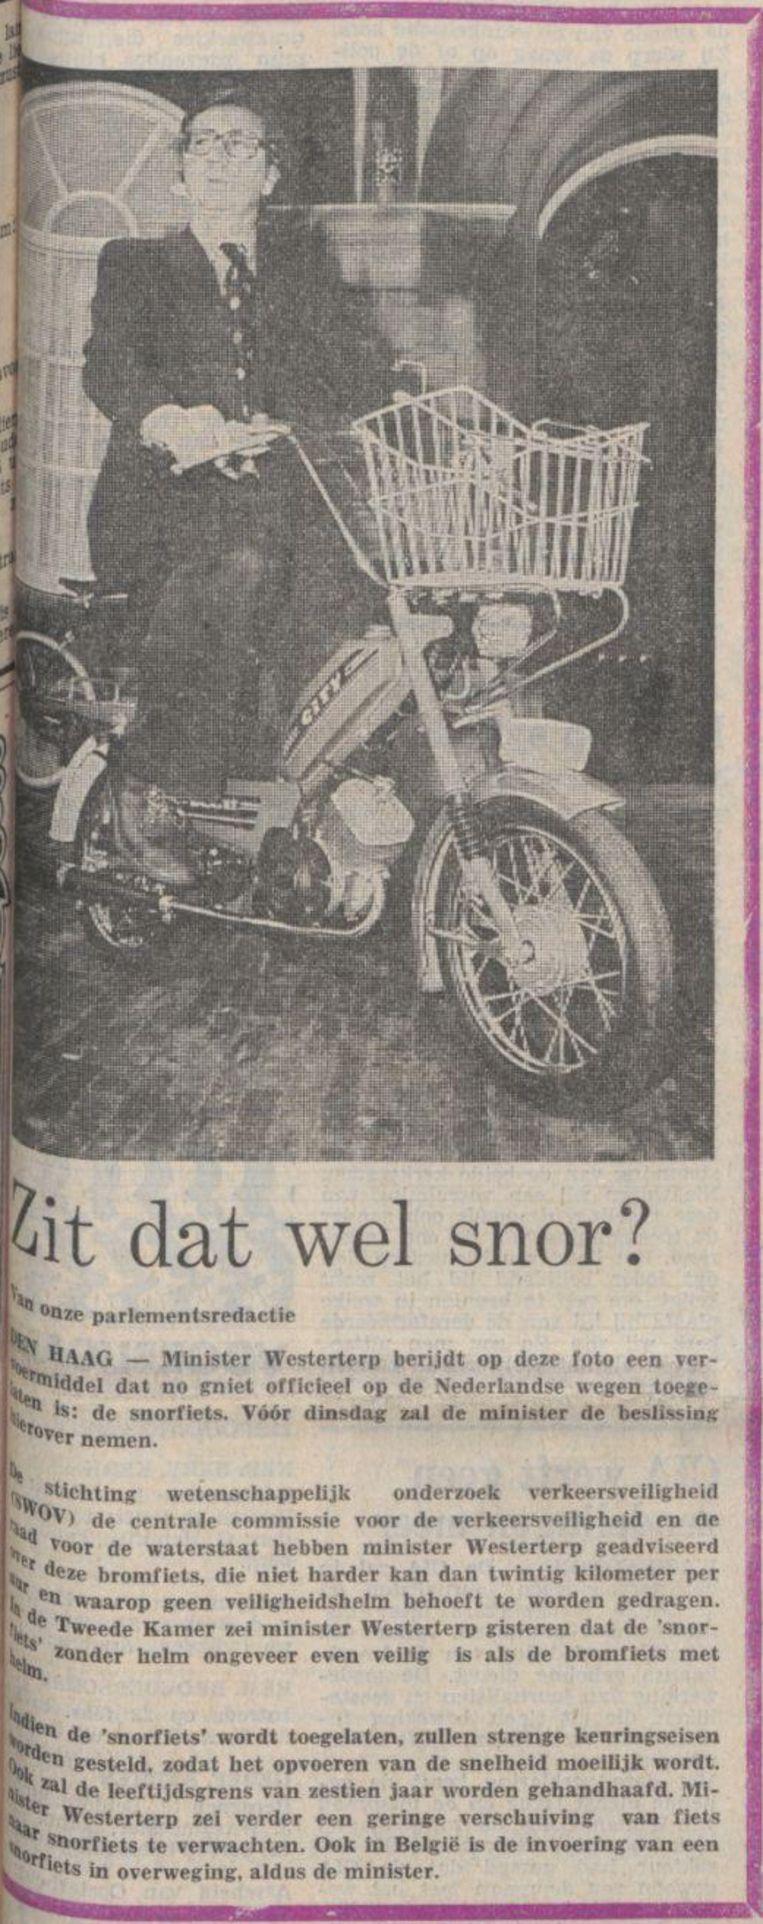 20 februari 1976: 'Zit dat wel snor?', vraagt Trouw op de voorpagina, onder een foto van minister Westerterp op een snorfiets. Beeld Trouw